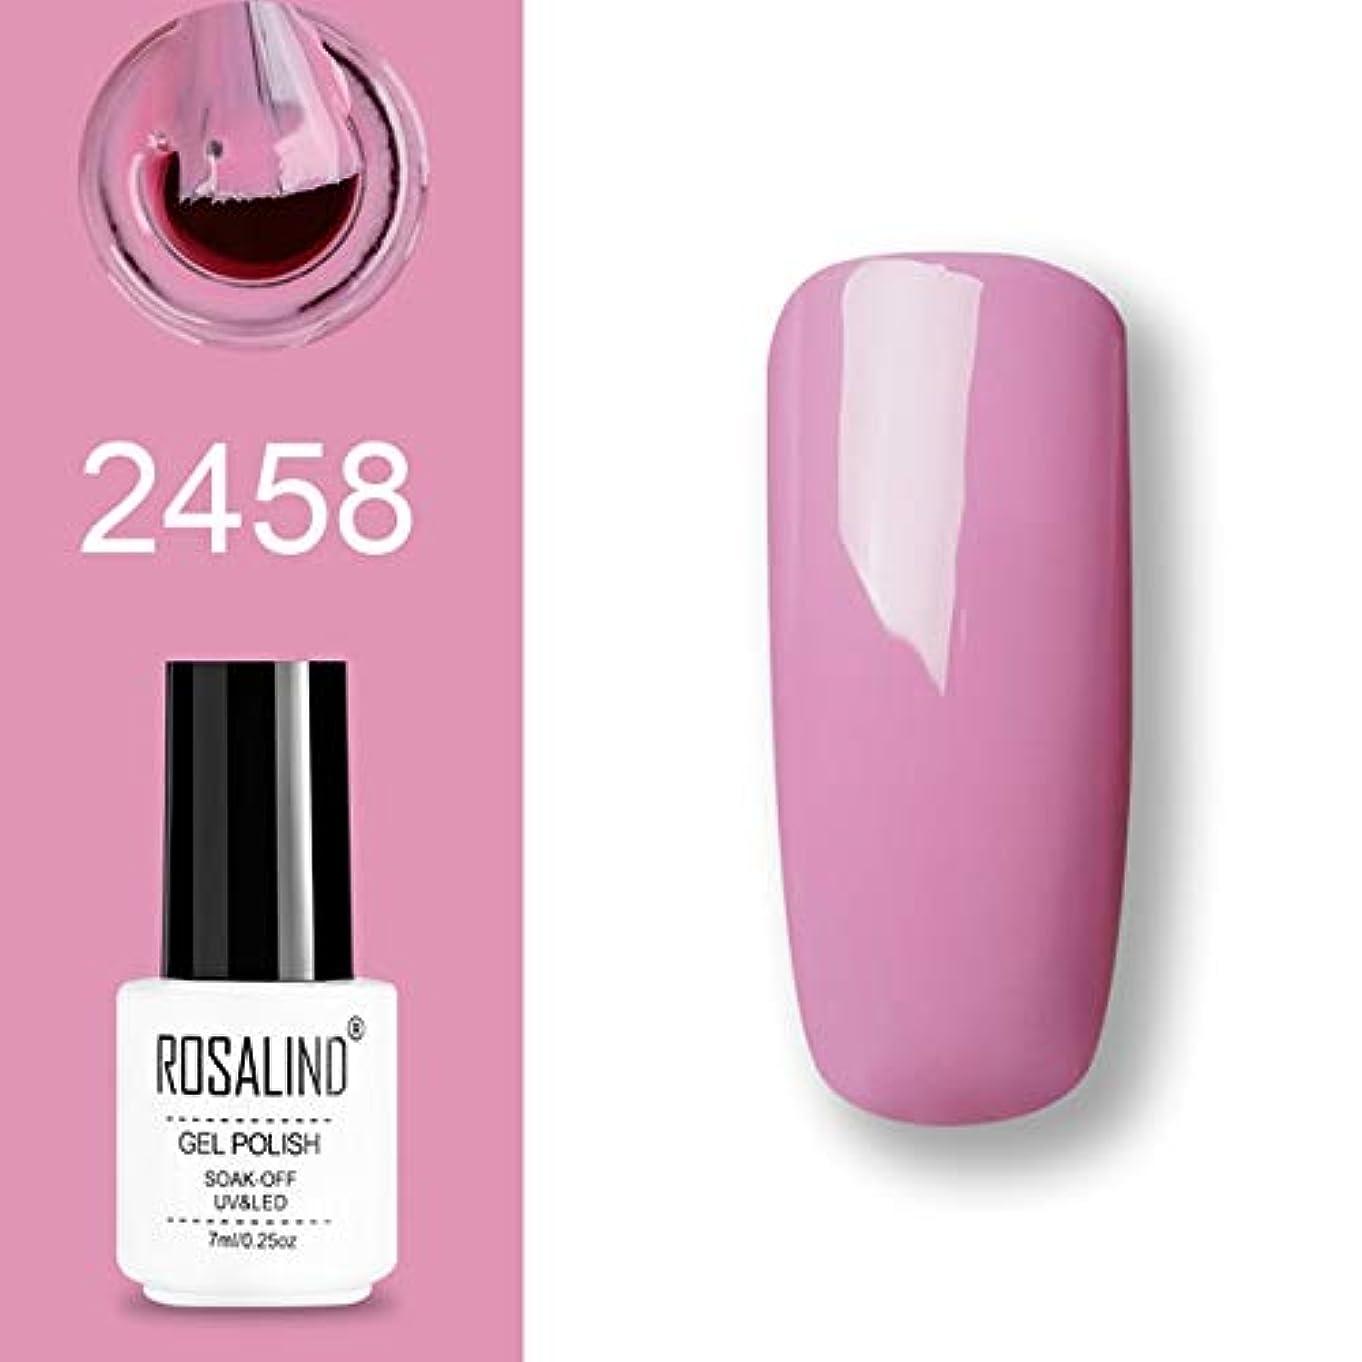 自明しなやかなラベファッションアイテム ROSALINDジェルポリッシュセットUVセミパーマネントプライマートップコートポリジェルニスネイルアートマニキュアジェル、ピンク、容量:7ml 2458。 環境に優しいマニキュア